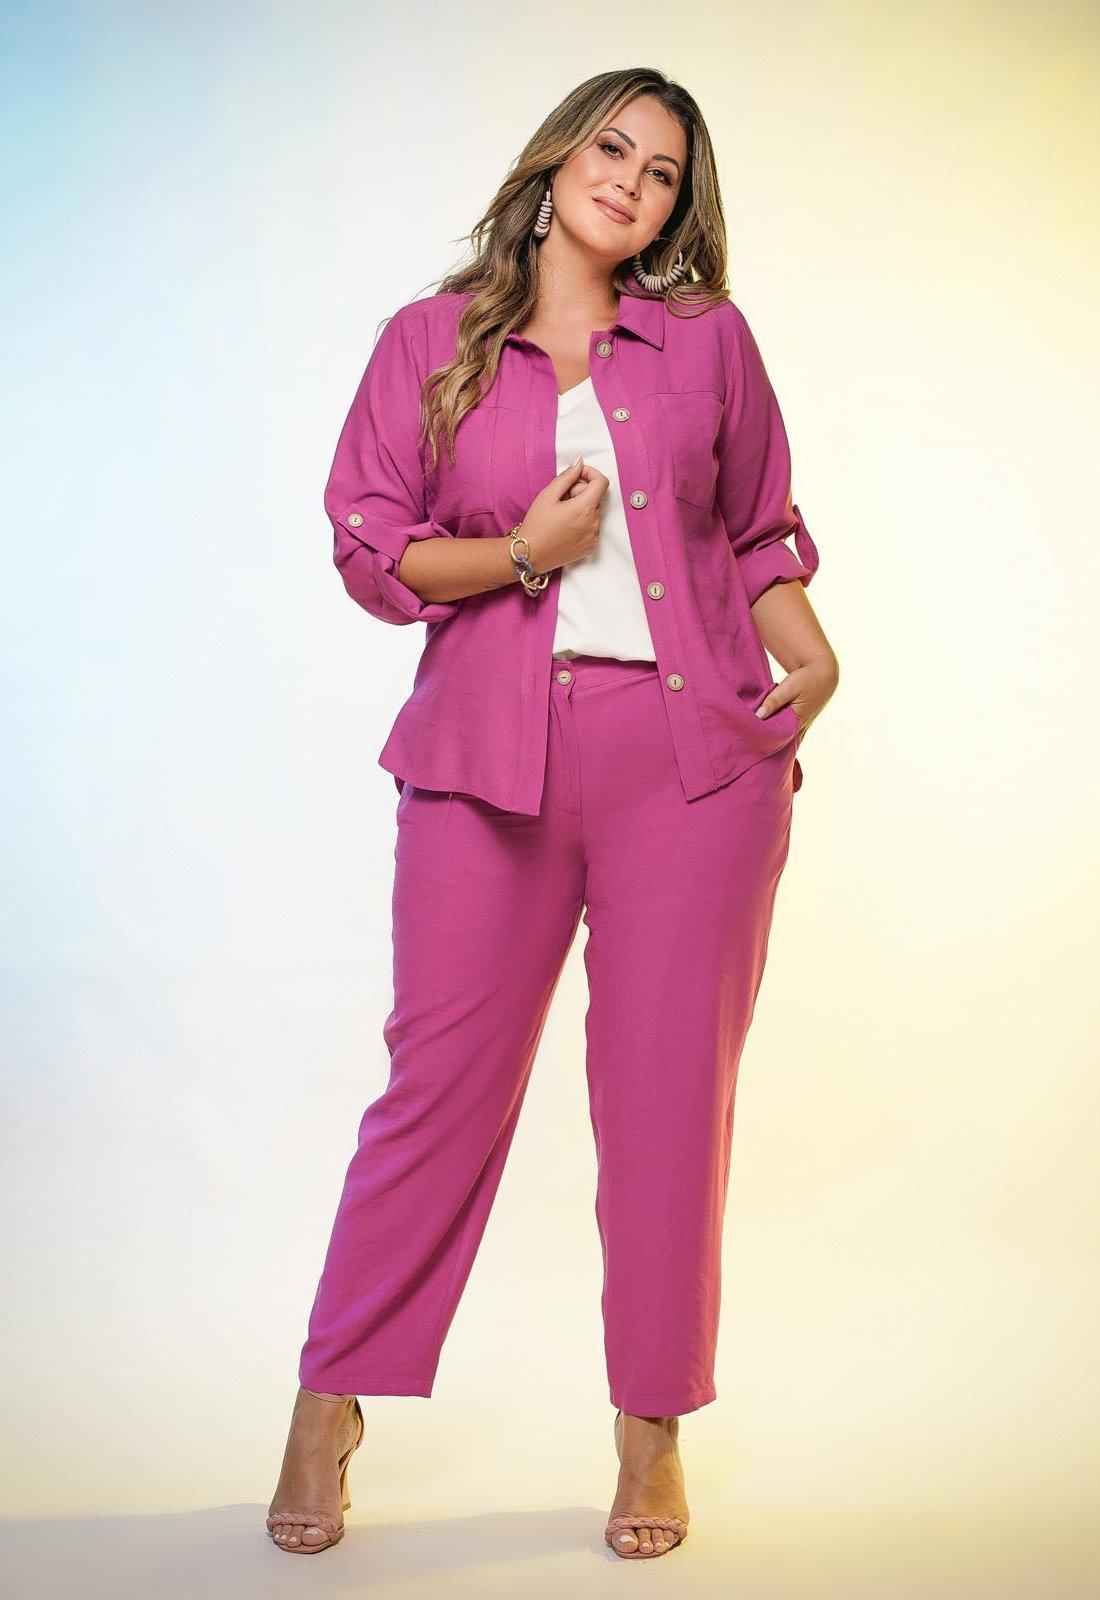 Conjunto pink calça e camisão  plus size  Ref. U63621